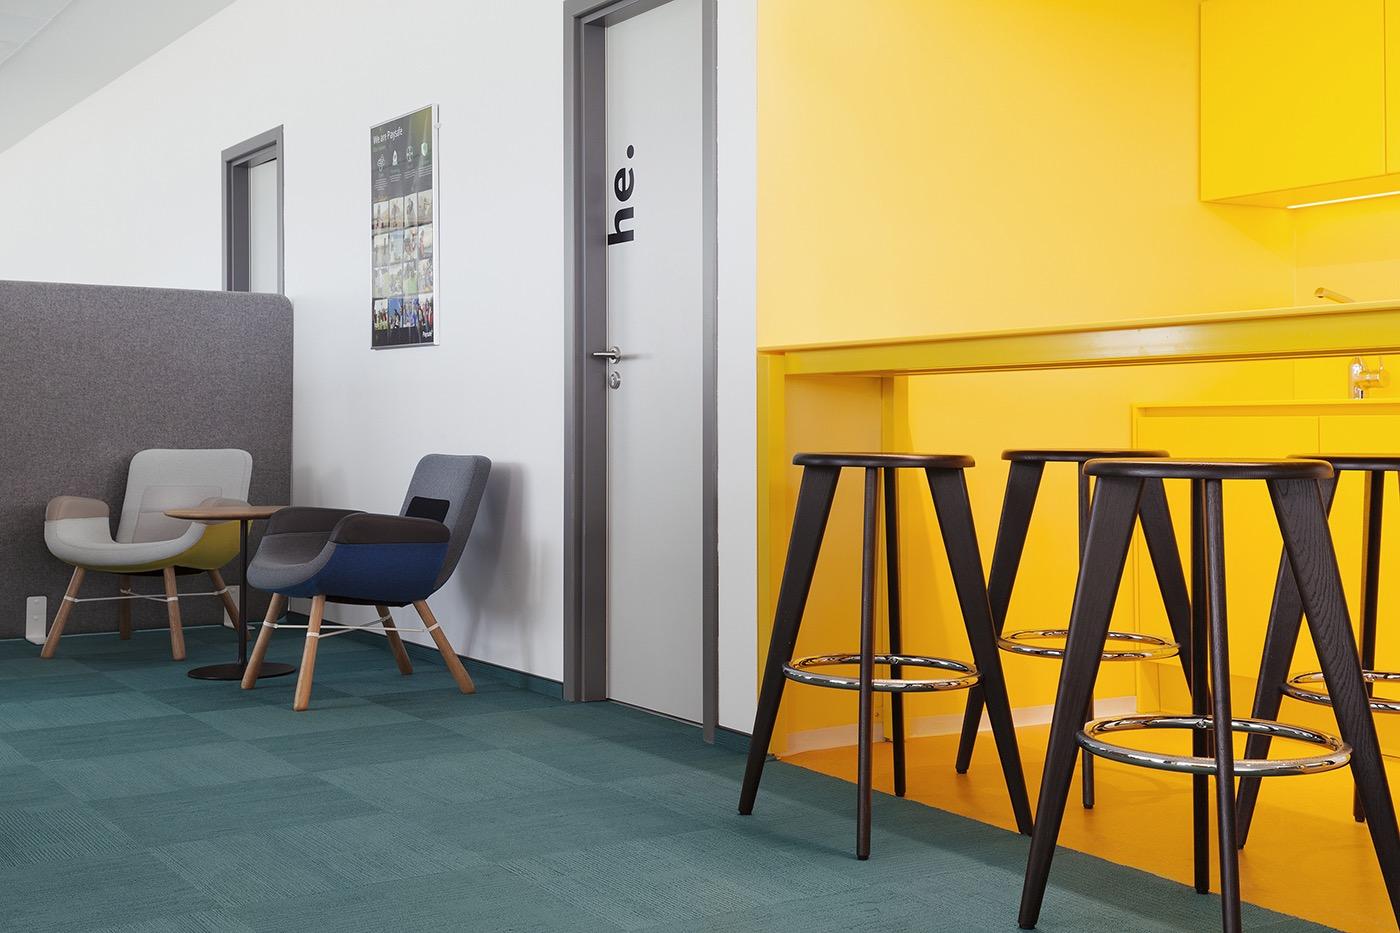 paysafe-new-sofia-office-6